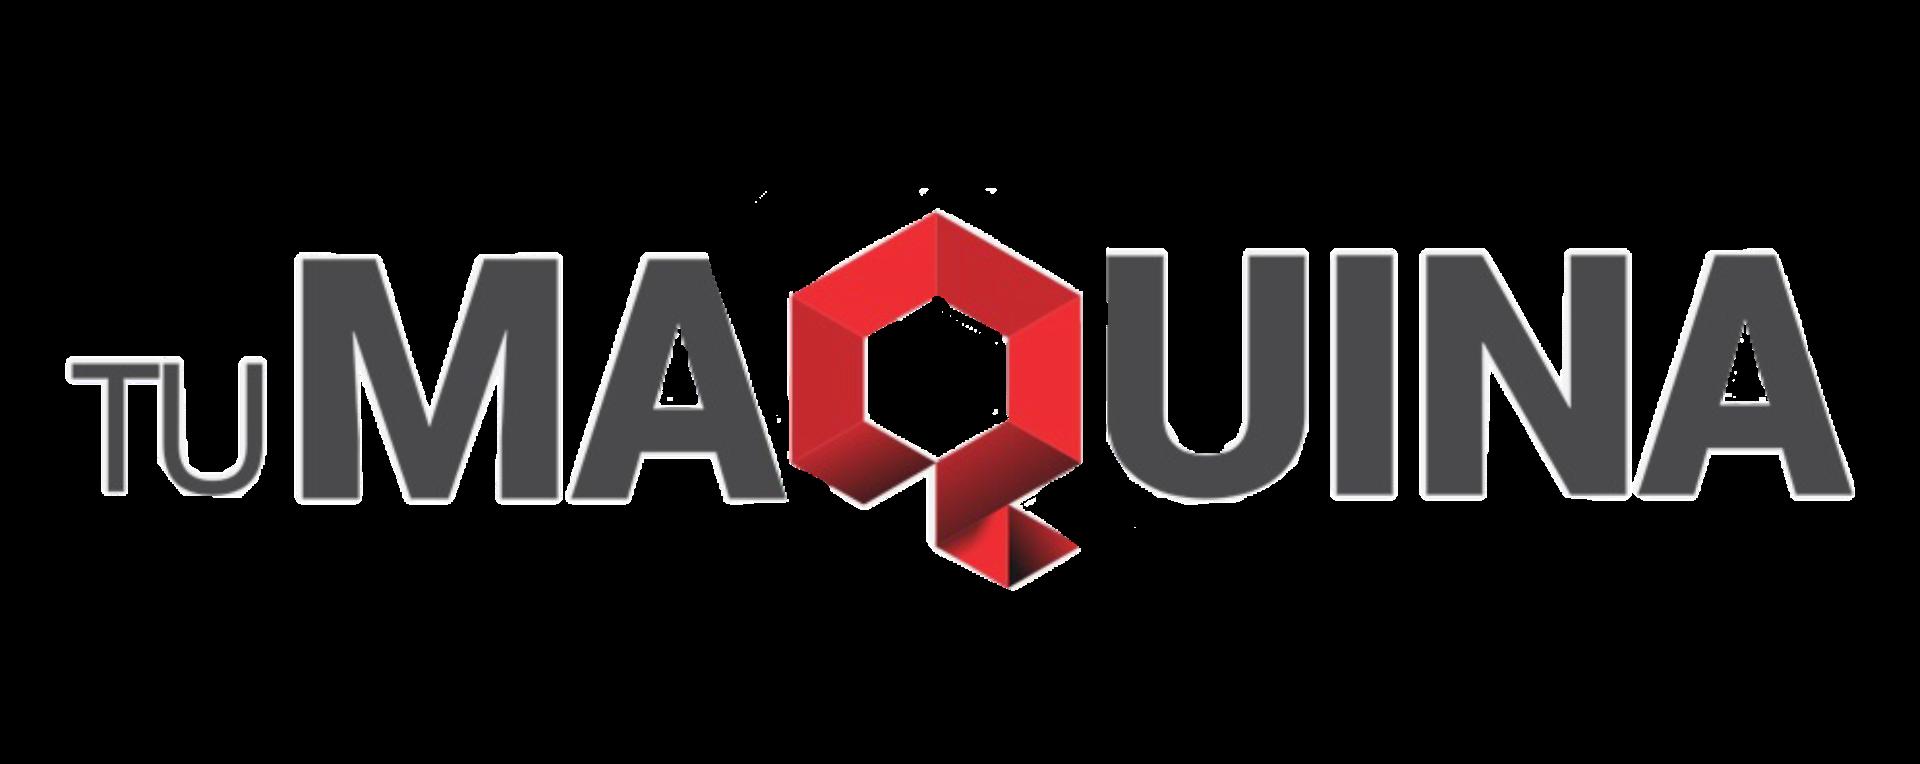 TUMAQUINA.COM.AR